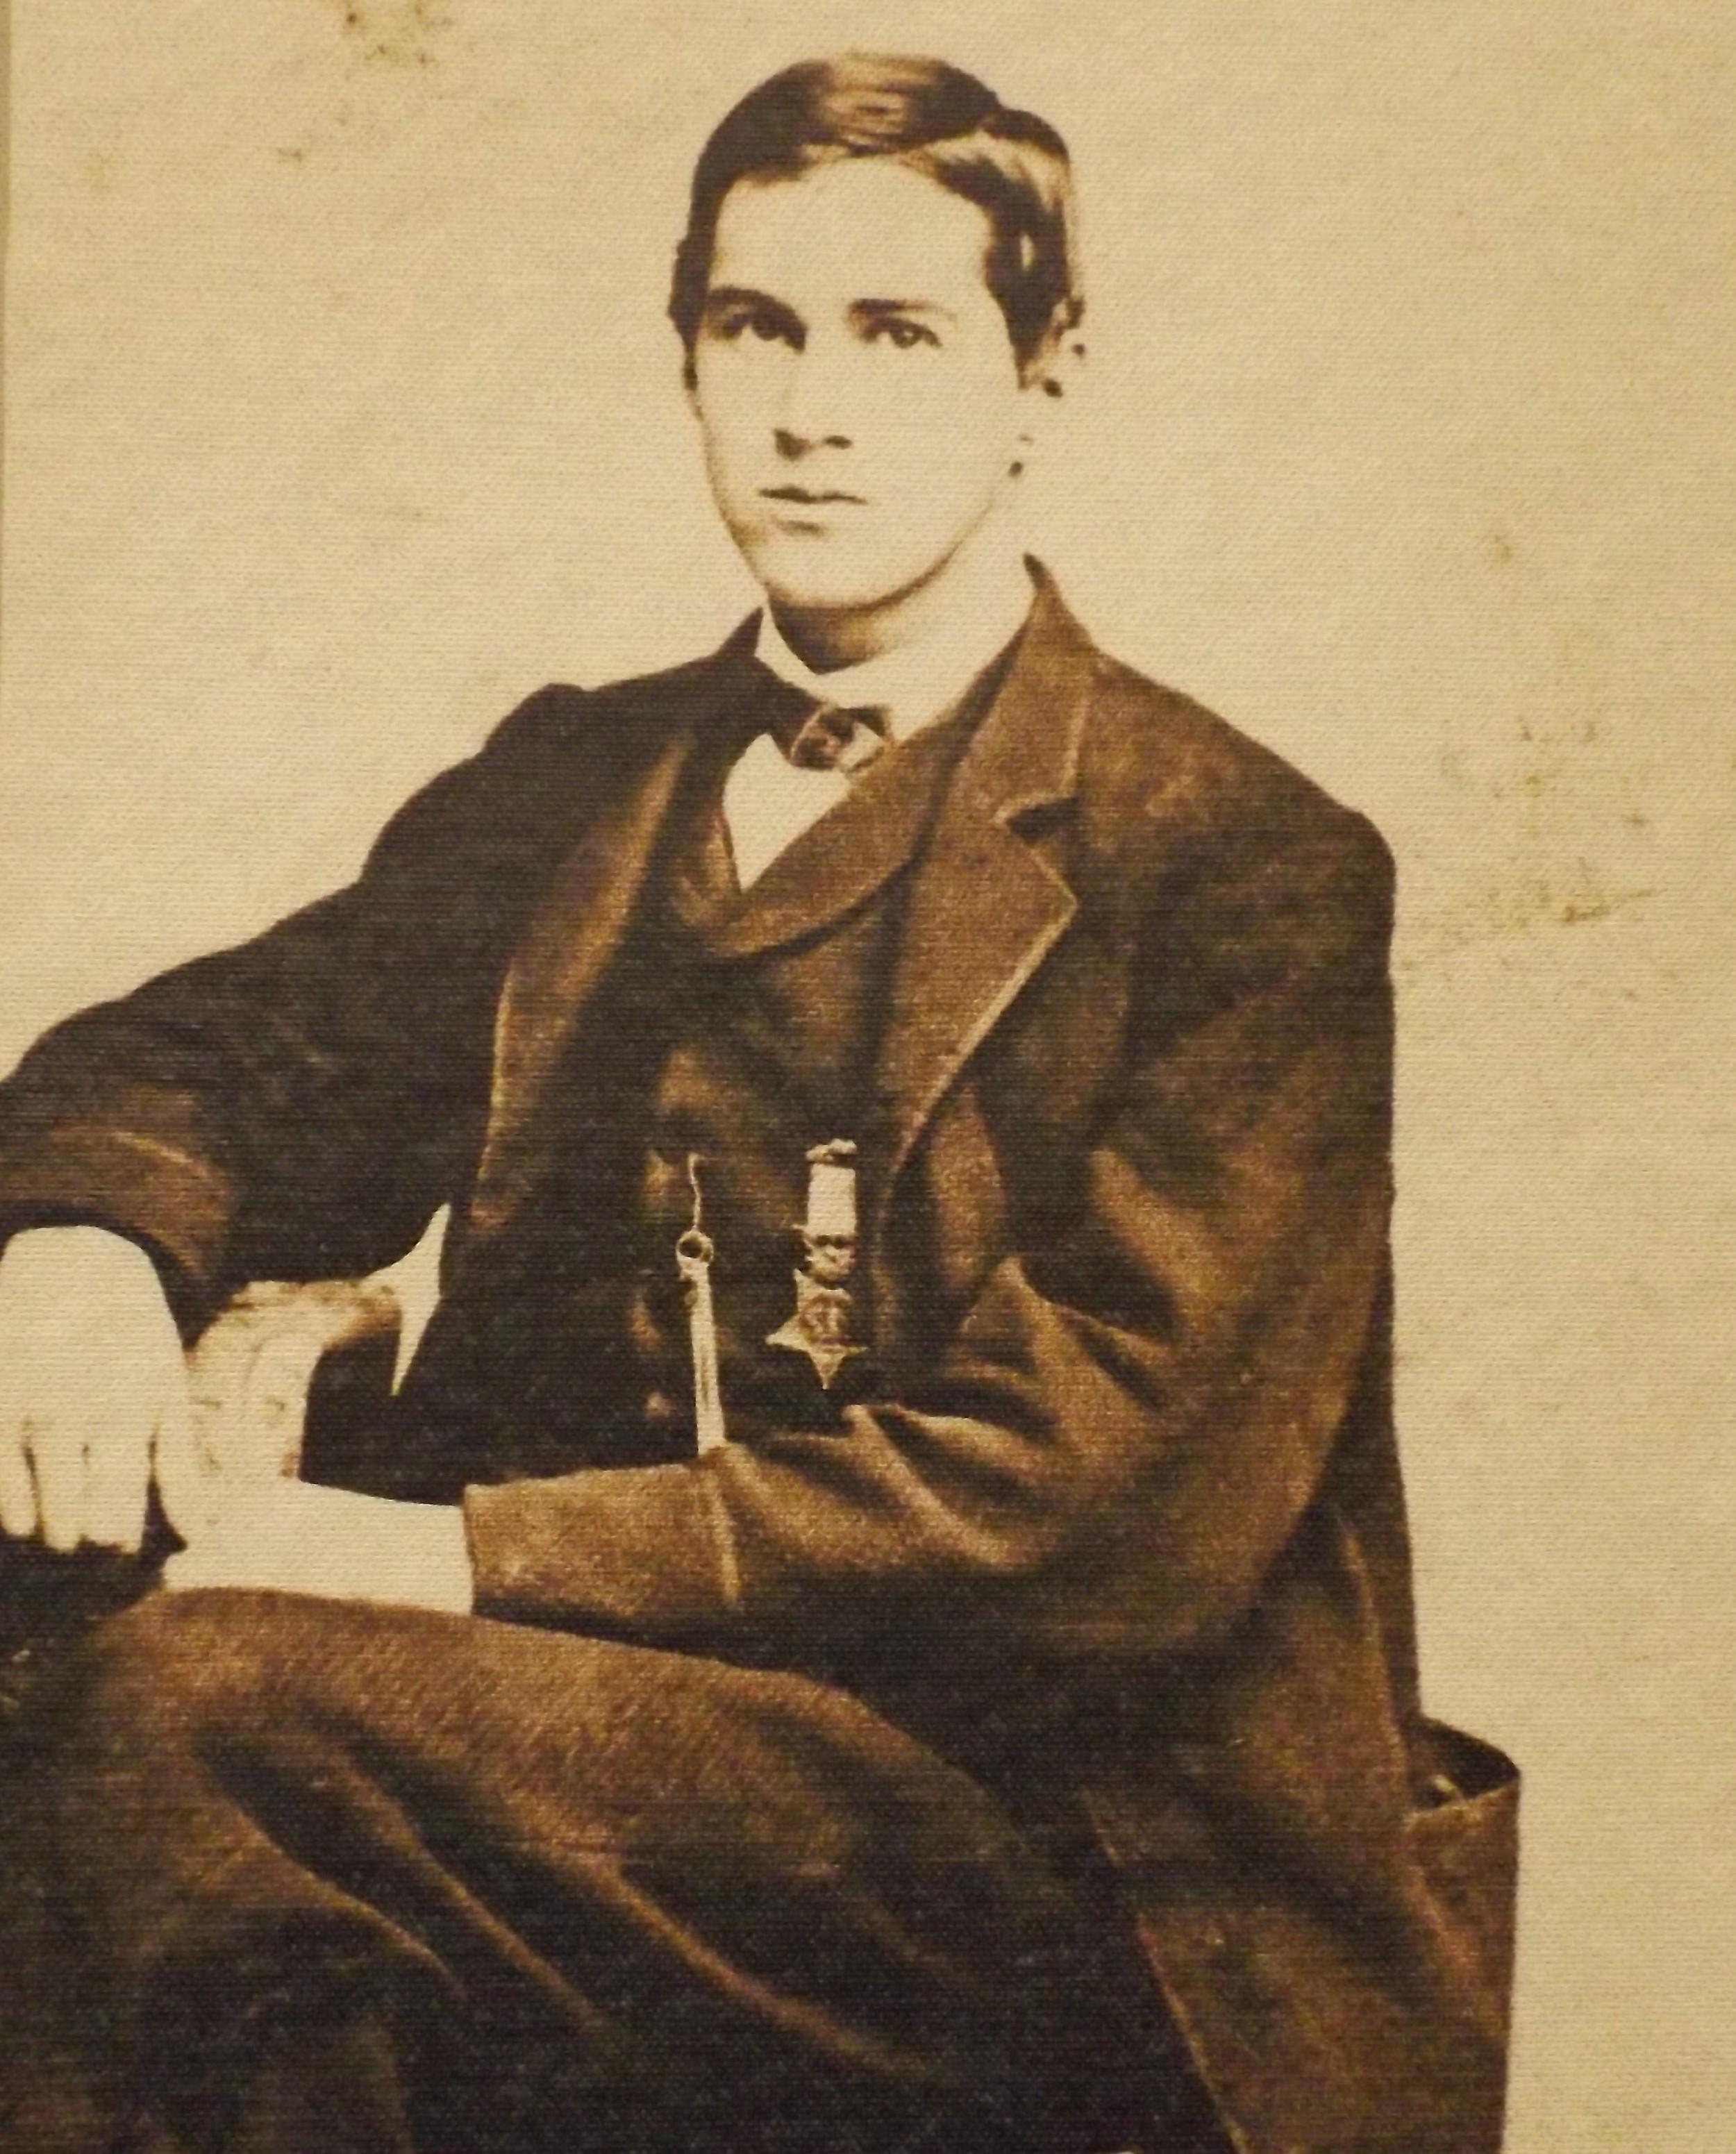 Ovid Smith